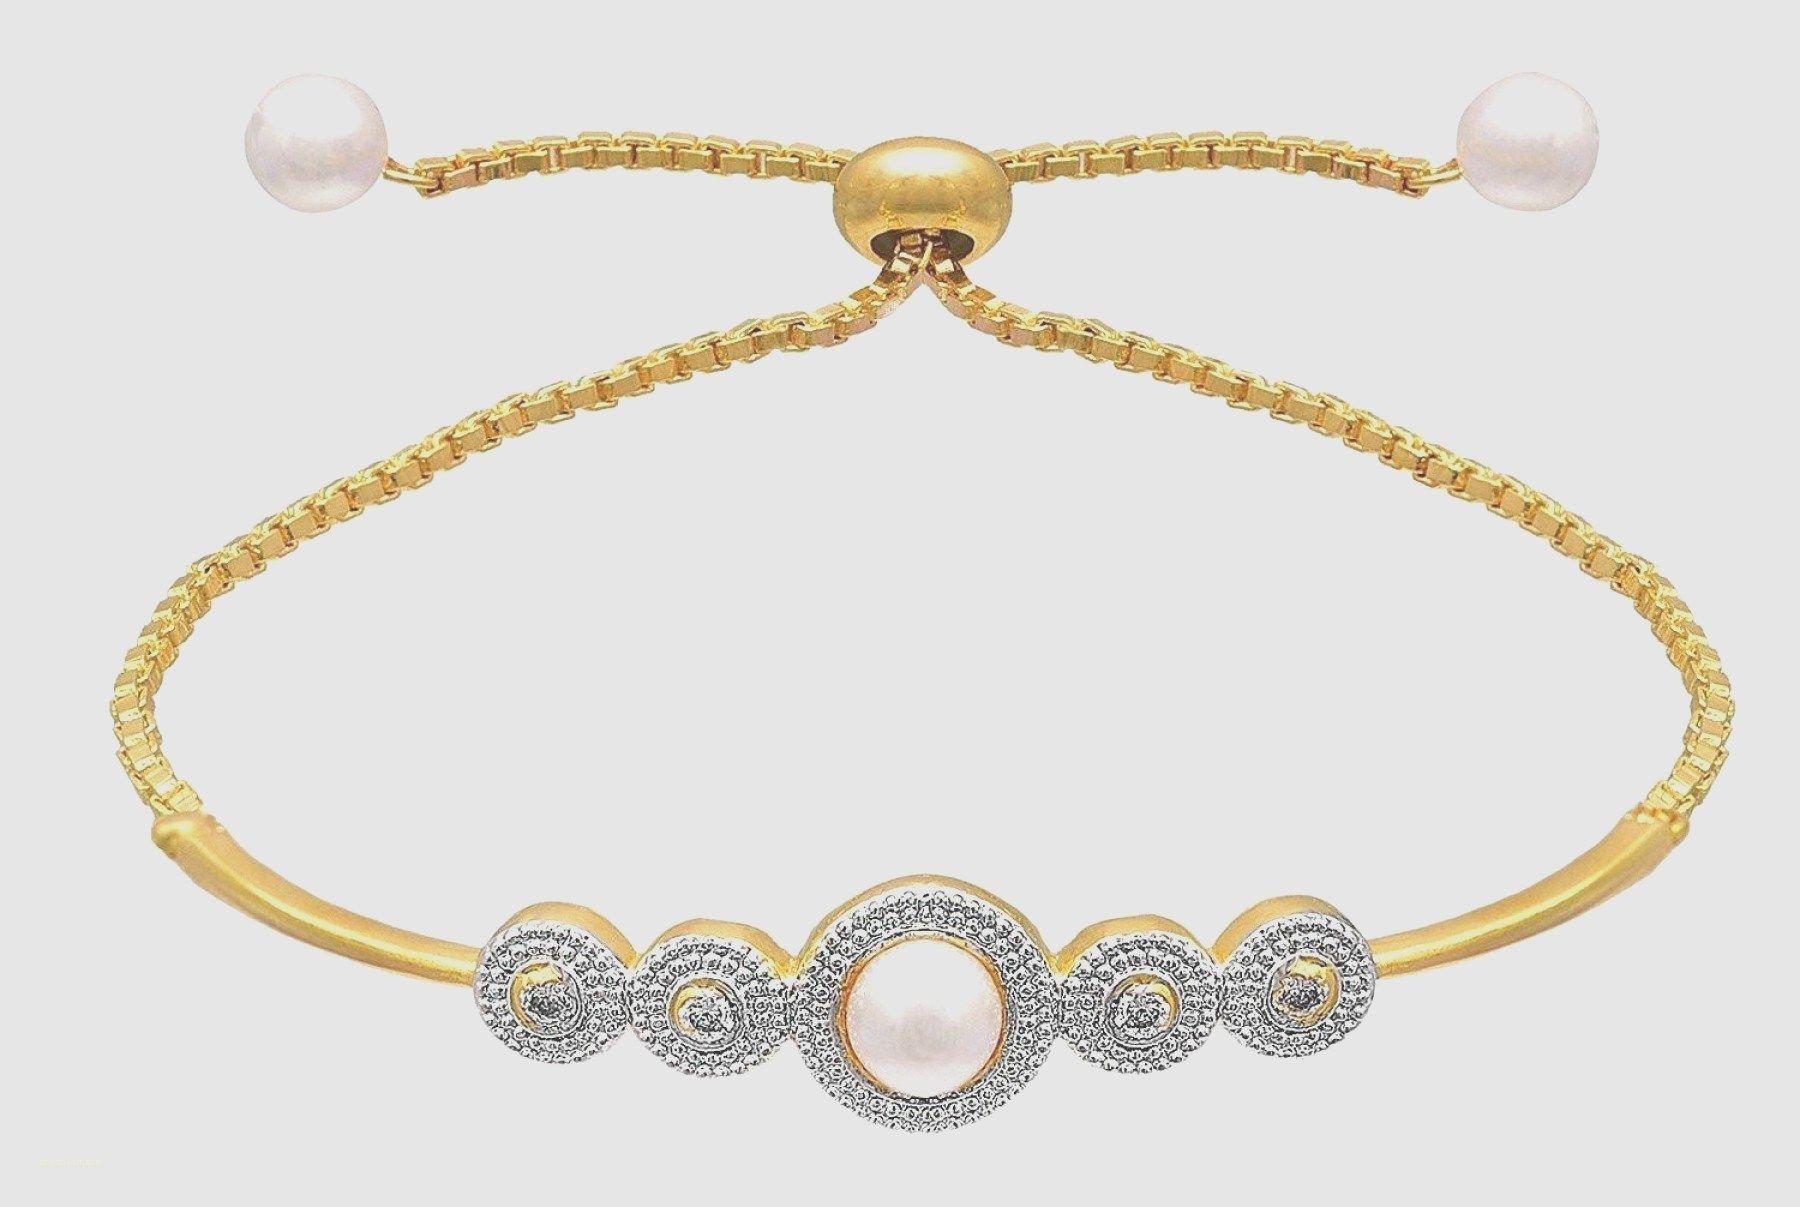 Bracelet Designs For Women Unique Sterling Silver Childrens Jewelry Baby Bracelets Kids Earrings